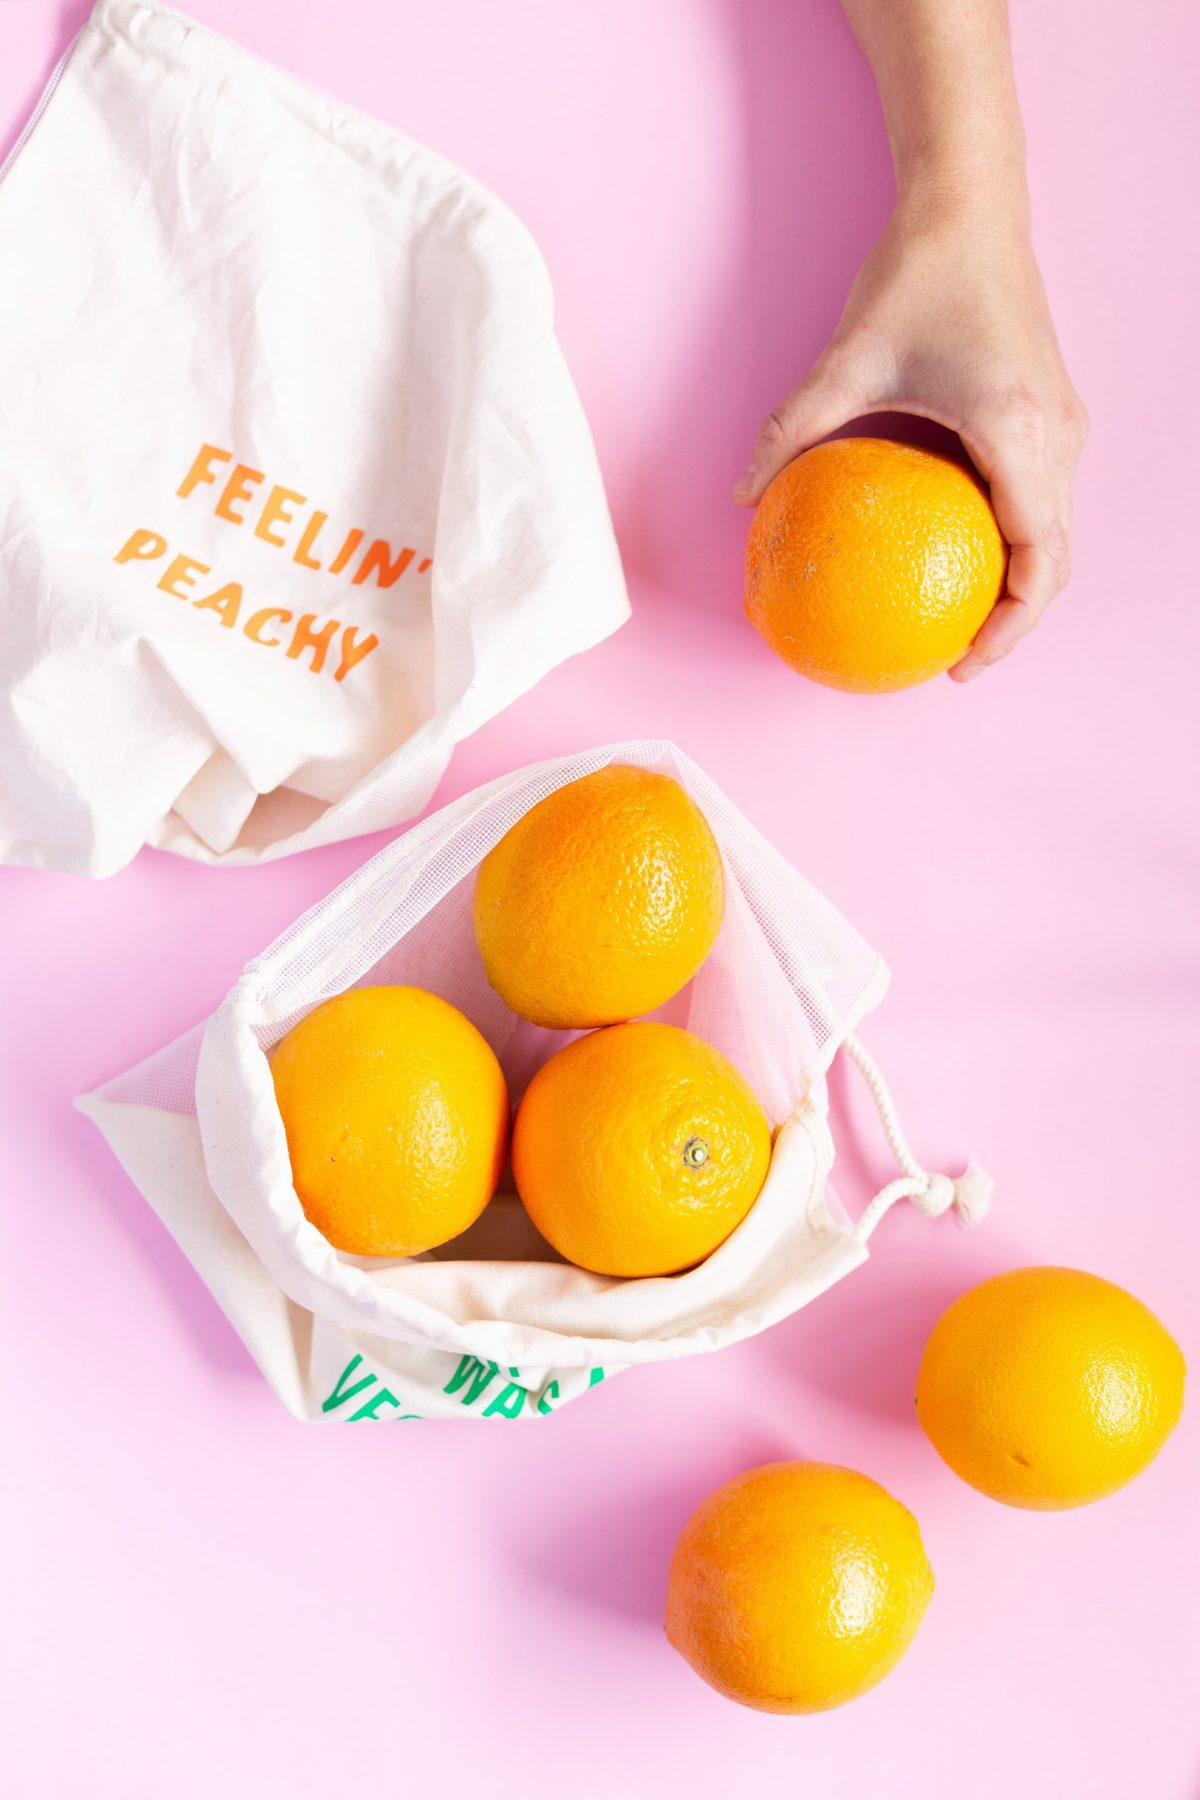 groente-en-fruitzakjes-van-gekkiggeit-met-sinaasappels-er-omheen